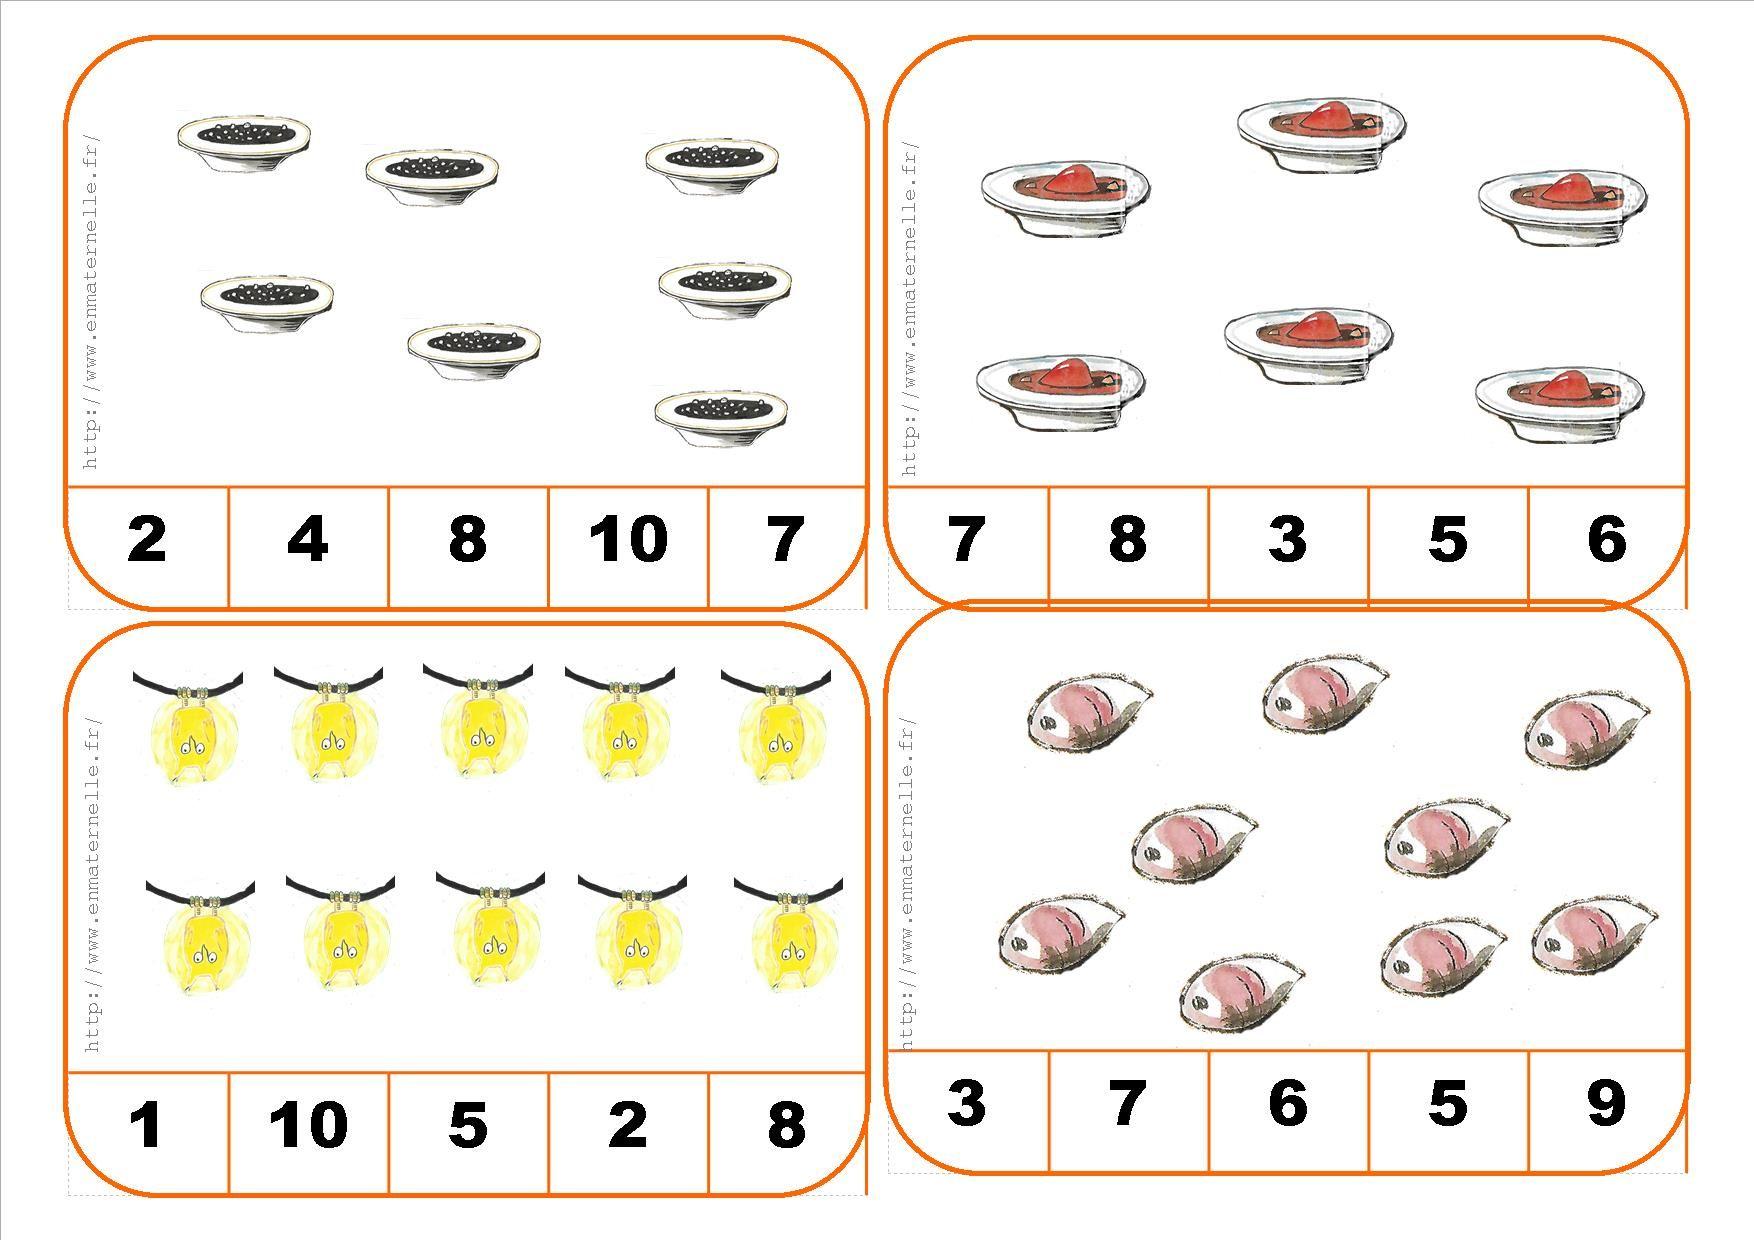 Oh les bonnes soupes jeu dobble pour apprendre le nom des l gumes maths halloween et home - Le jeux de la sorciere qui fait peur ...